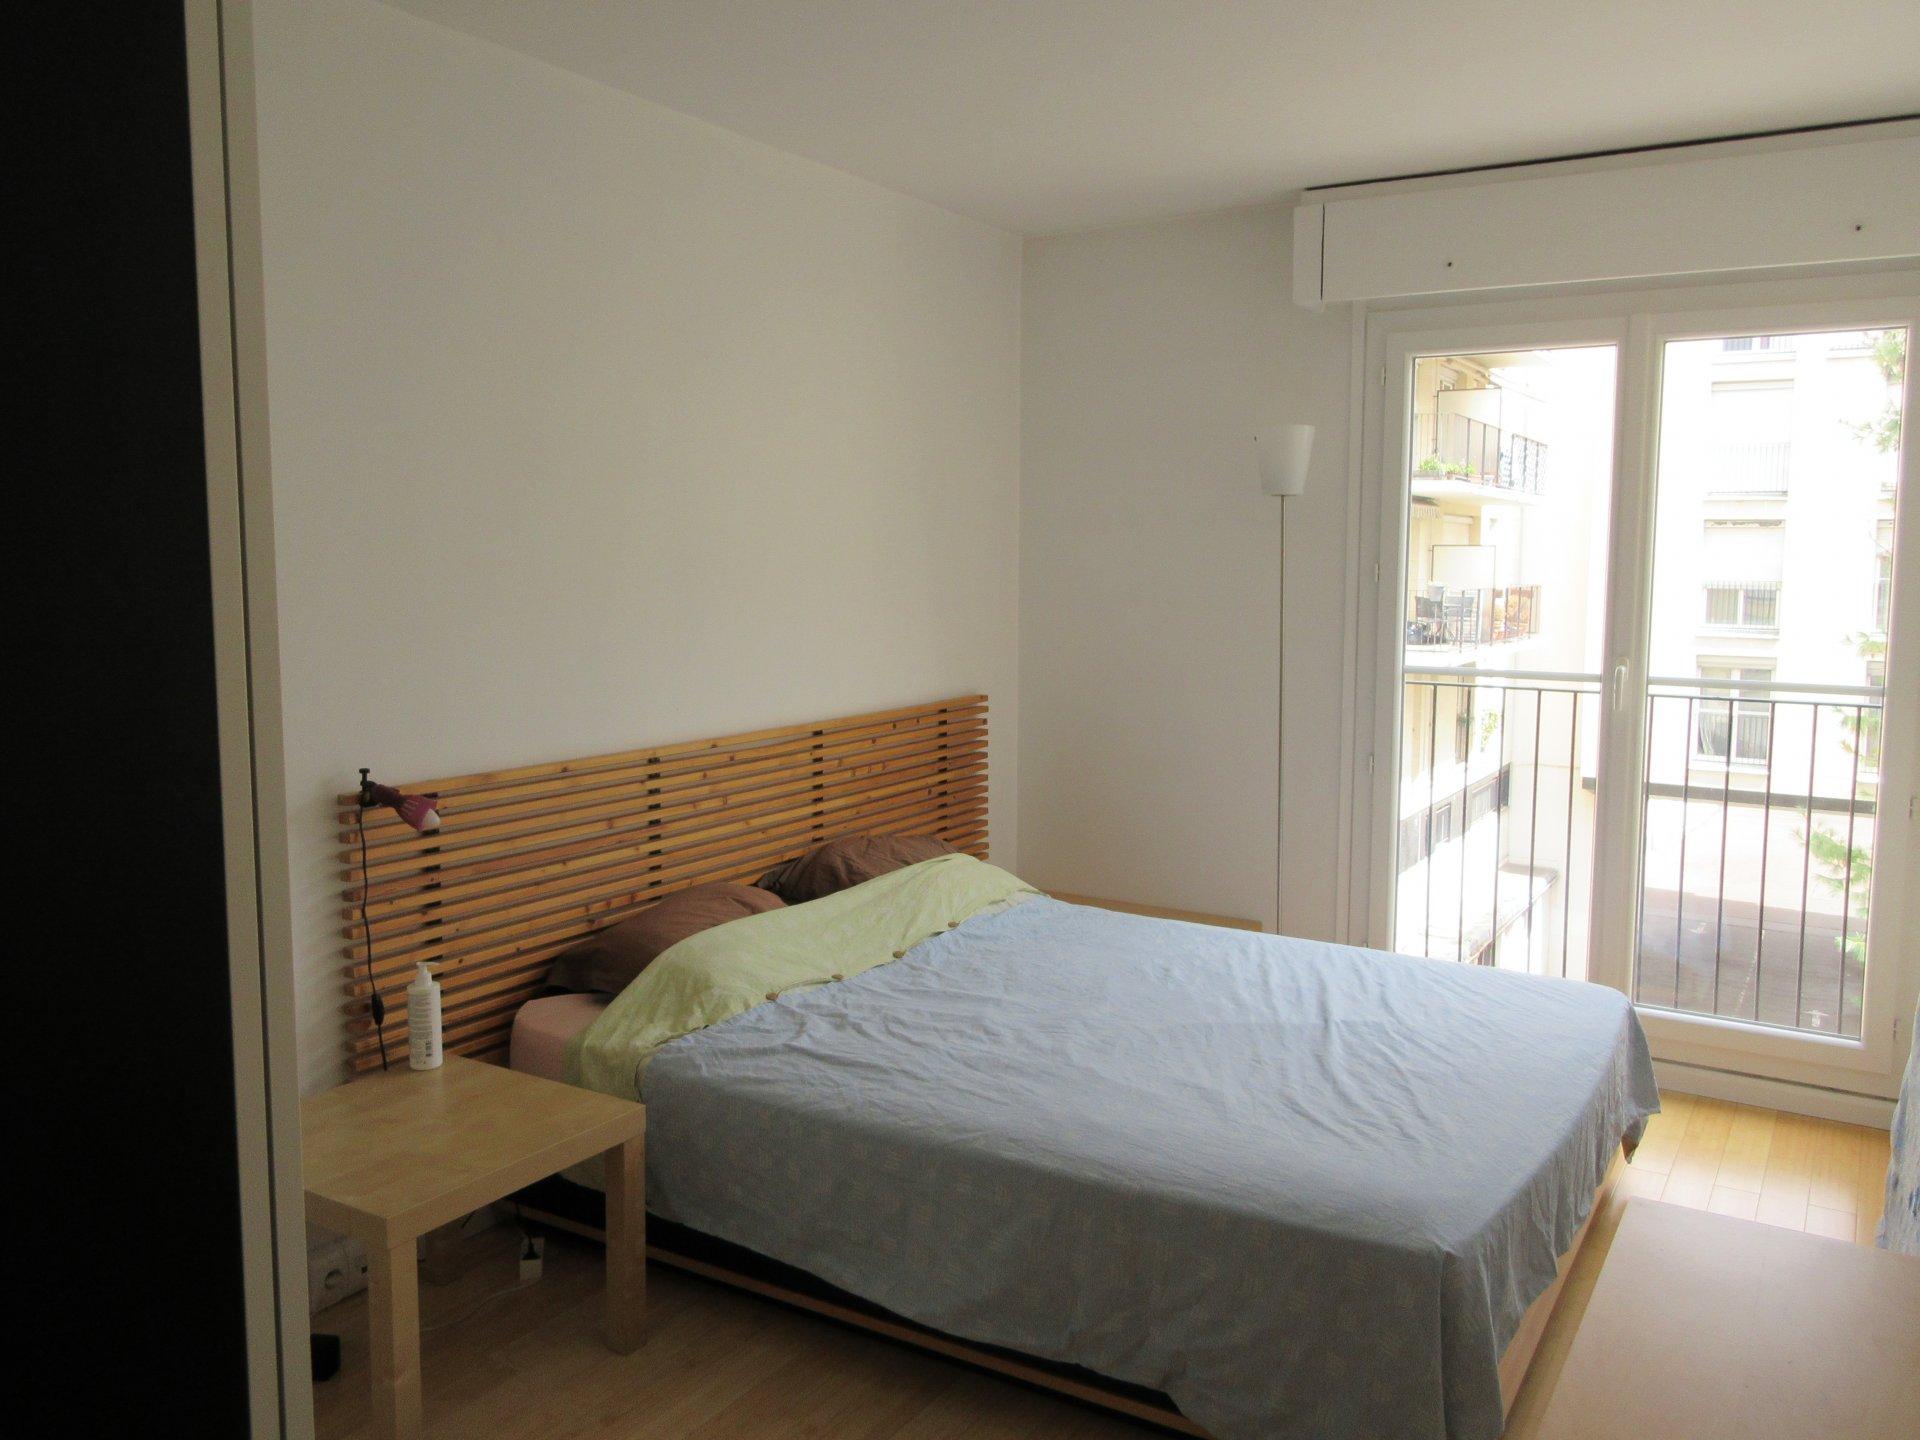 Chatou bas (Avenue d'Aligre), 4 pièces meublé en dernier étage avec balcon.